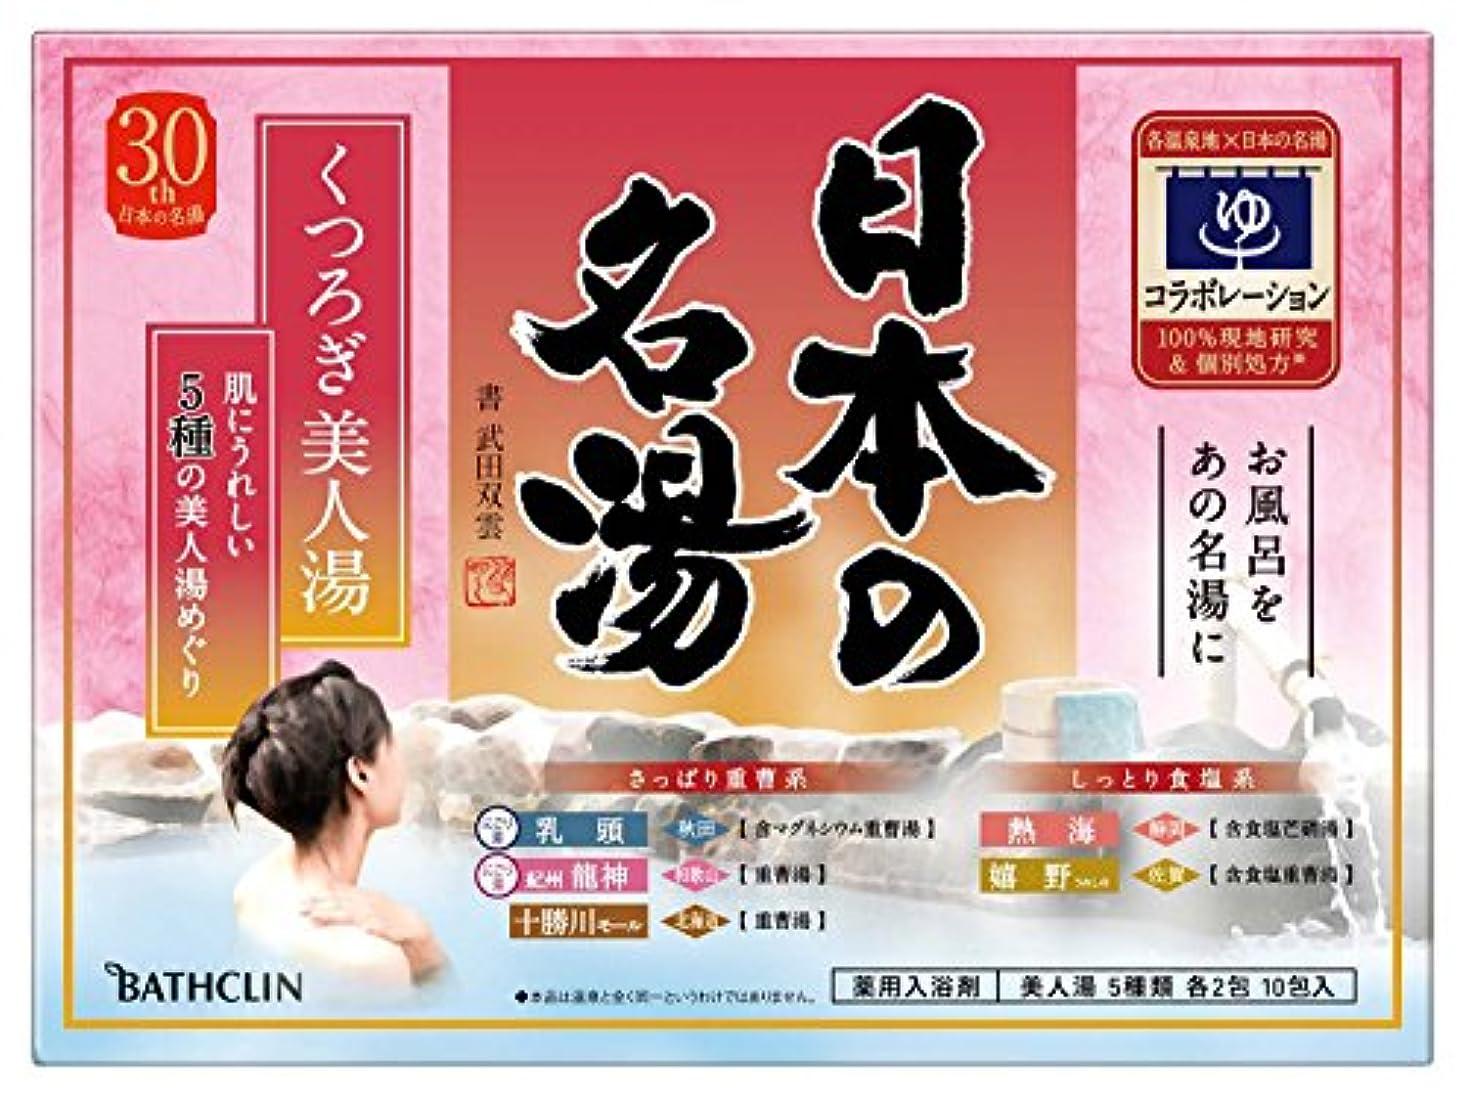 発表する神秘アカデミー【医薬部外品】日本の名湯入浴剤 くつろぎ美人湯 30g ×10包 個包装 詰め合わせ 温泉タイプ